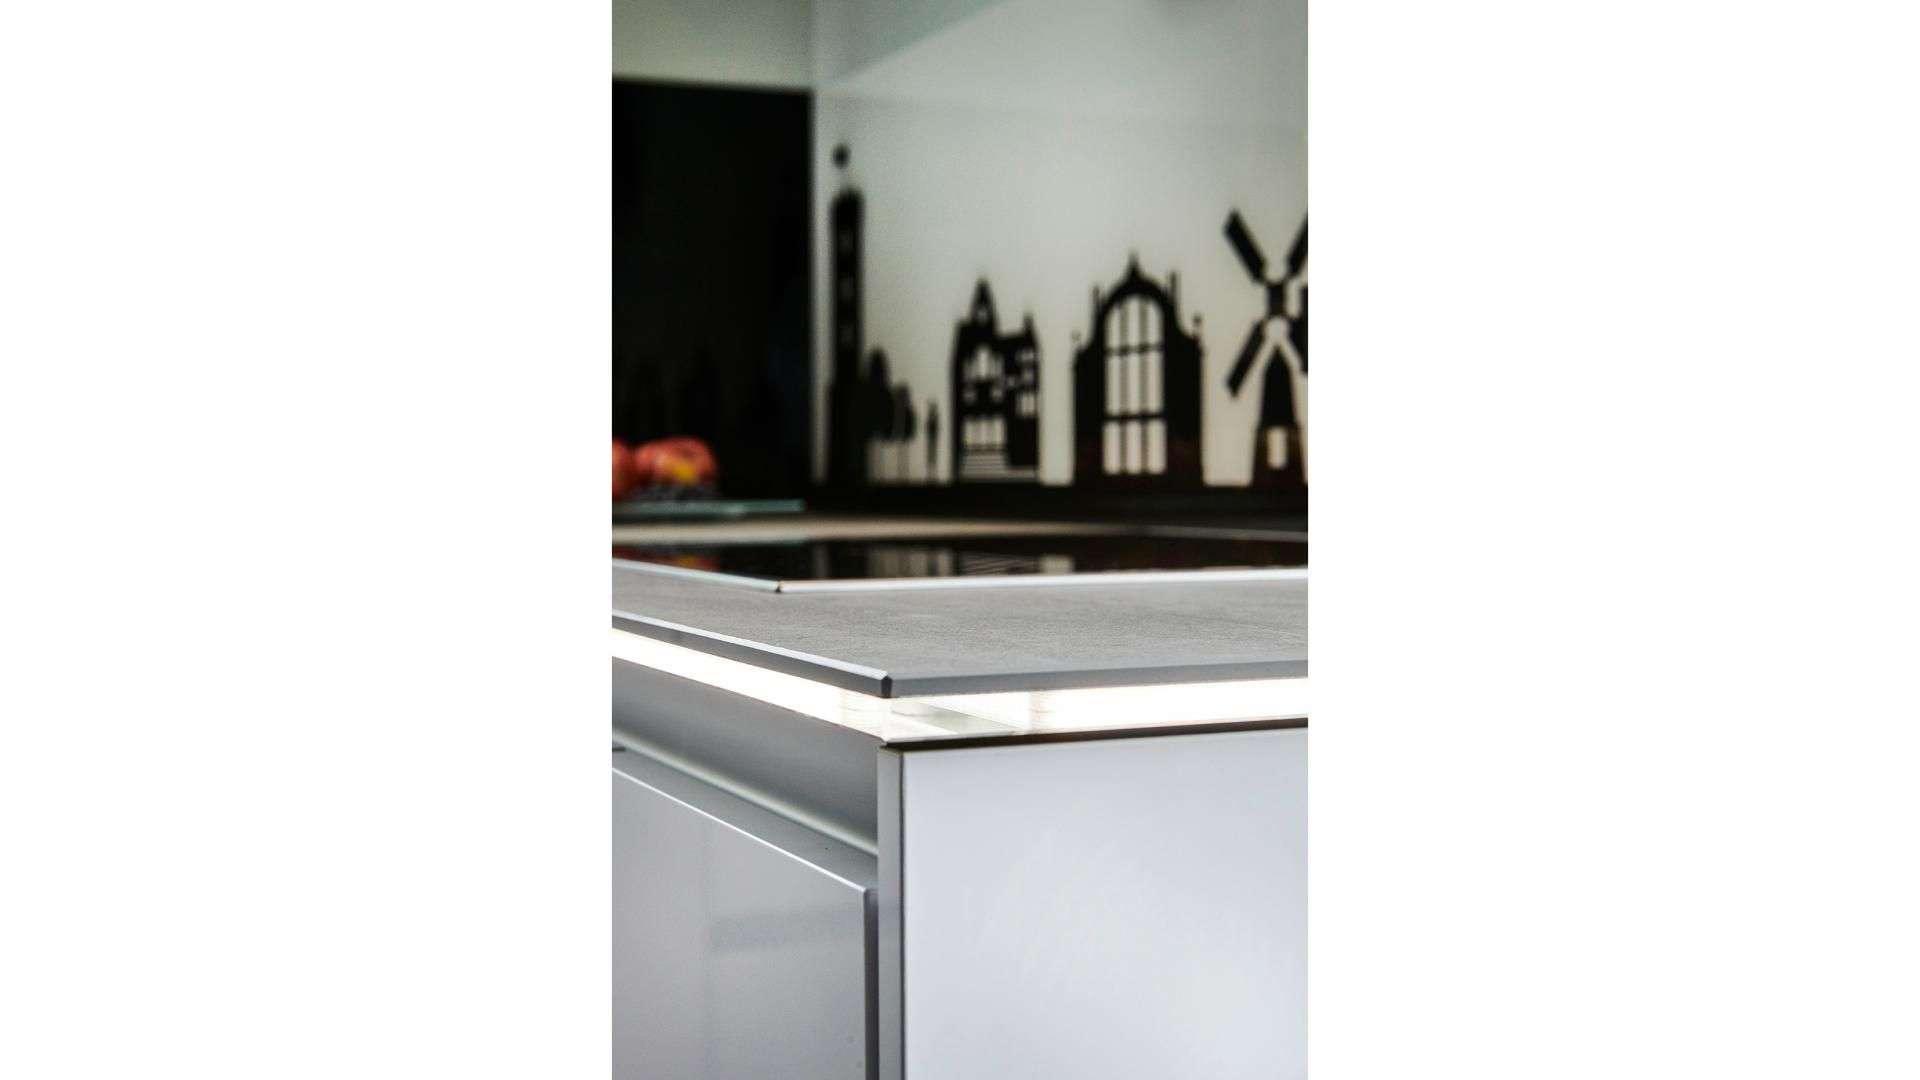 beleuchtete Arbeitsplatte in einer Küche